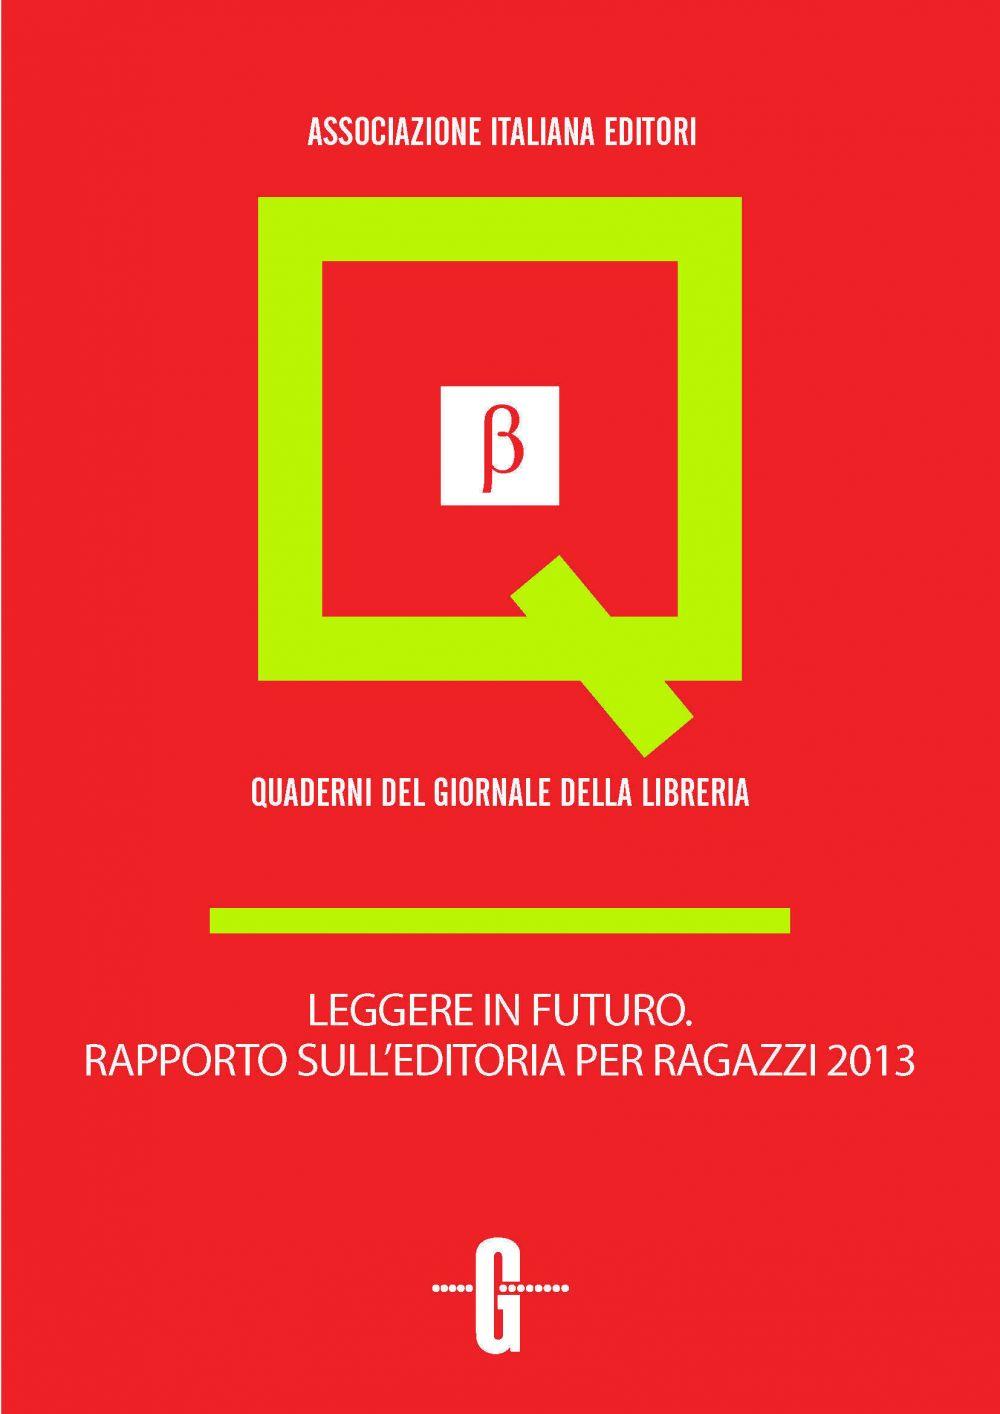 Leggere in futuro. Rapporto sull'editoria per ragazzi 2013